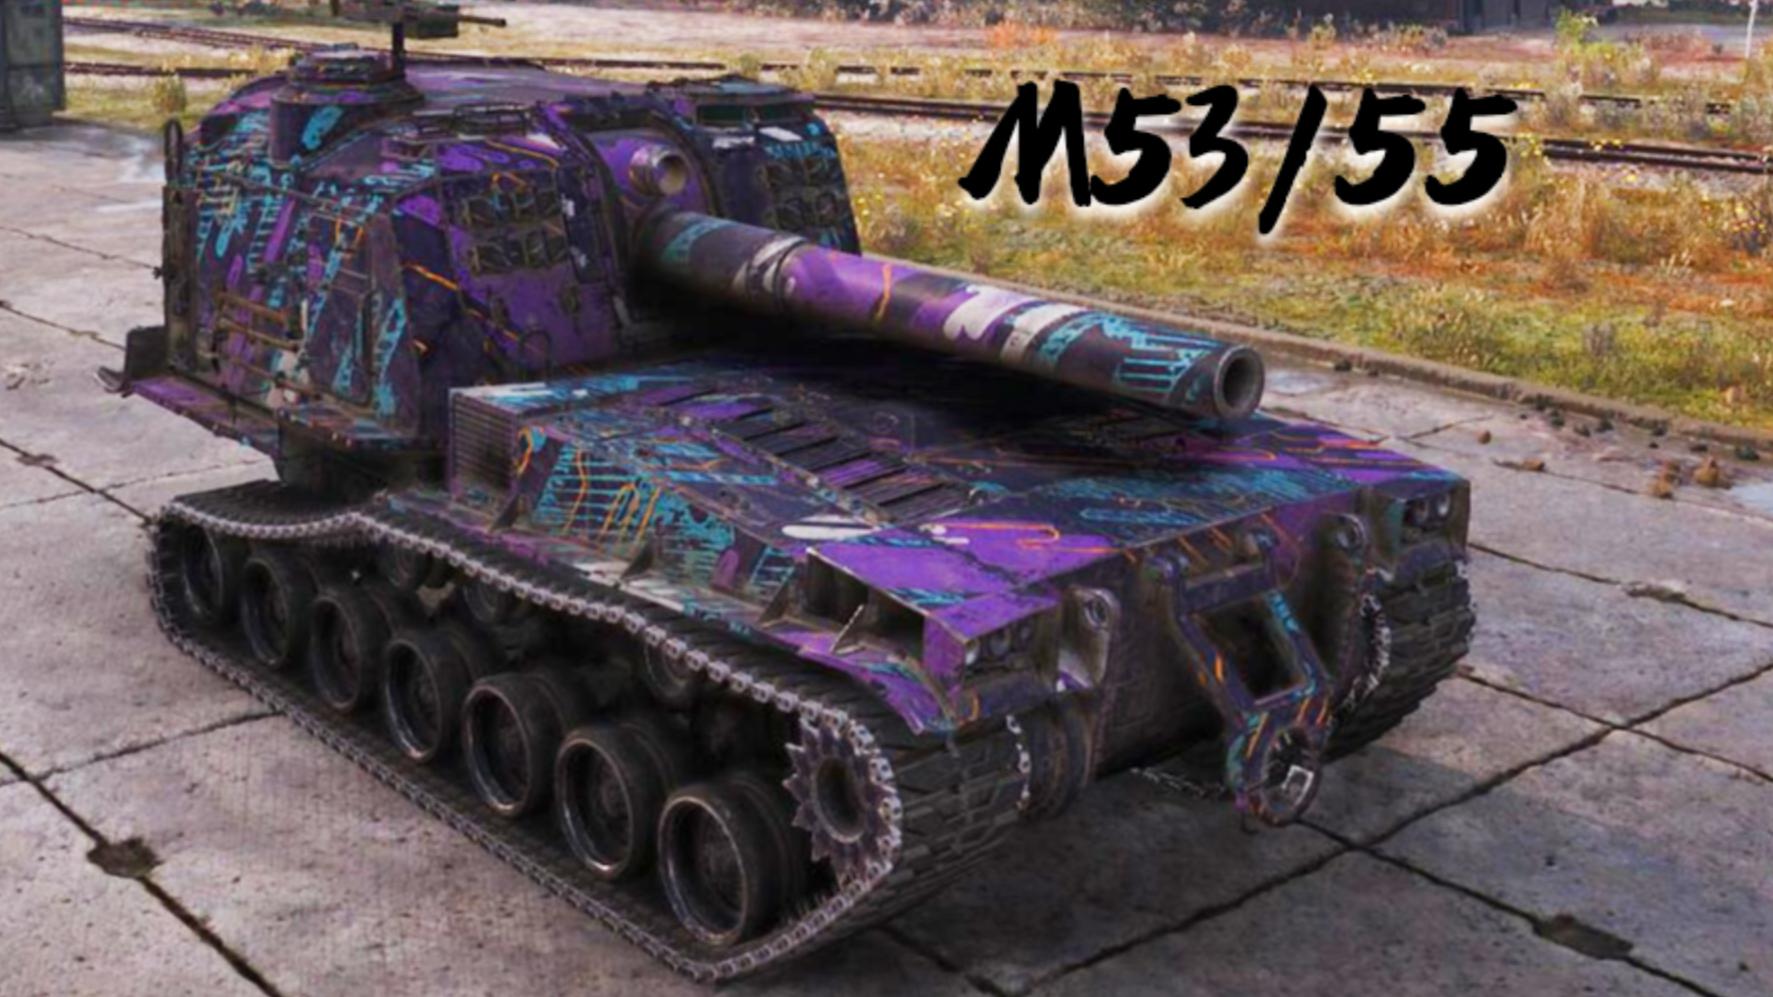 【坦克世界】M53/55 - 6杀 - 4.4千输出